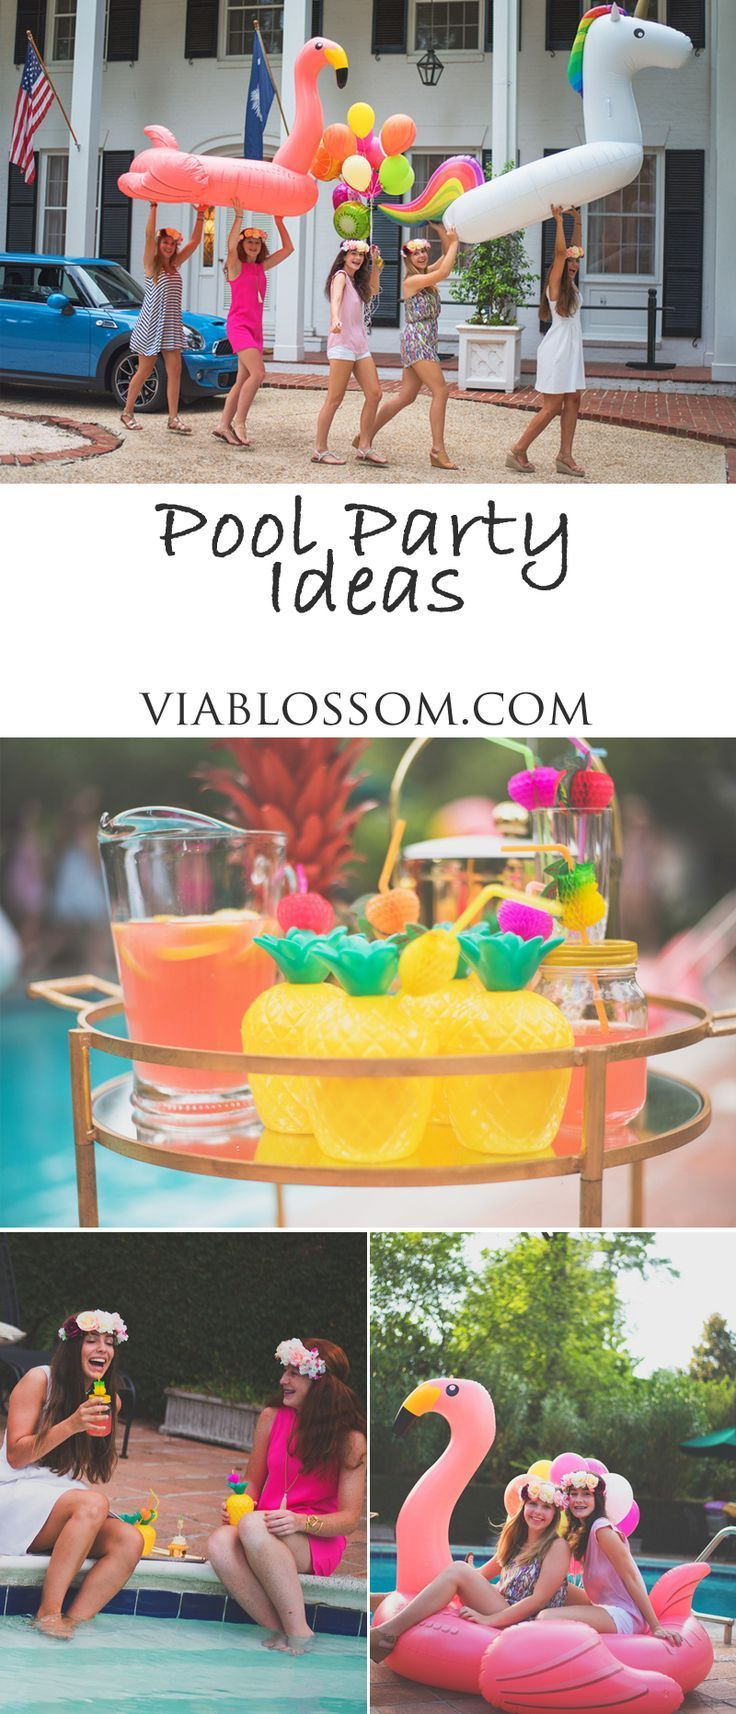 Pool party ideas party ideas fiestas en la piscina for Ideas para cumpleanos en piscina